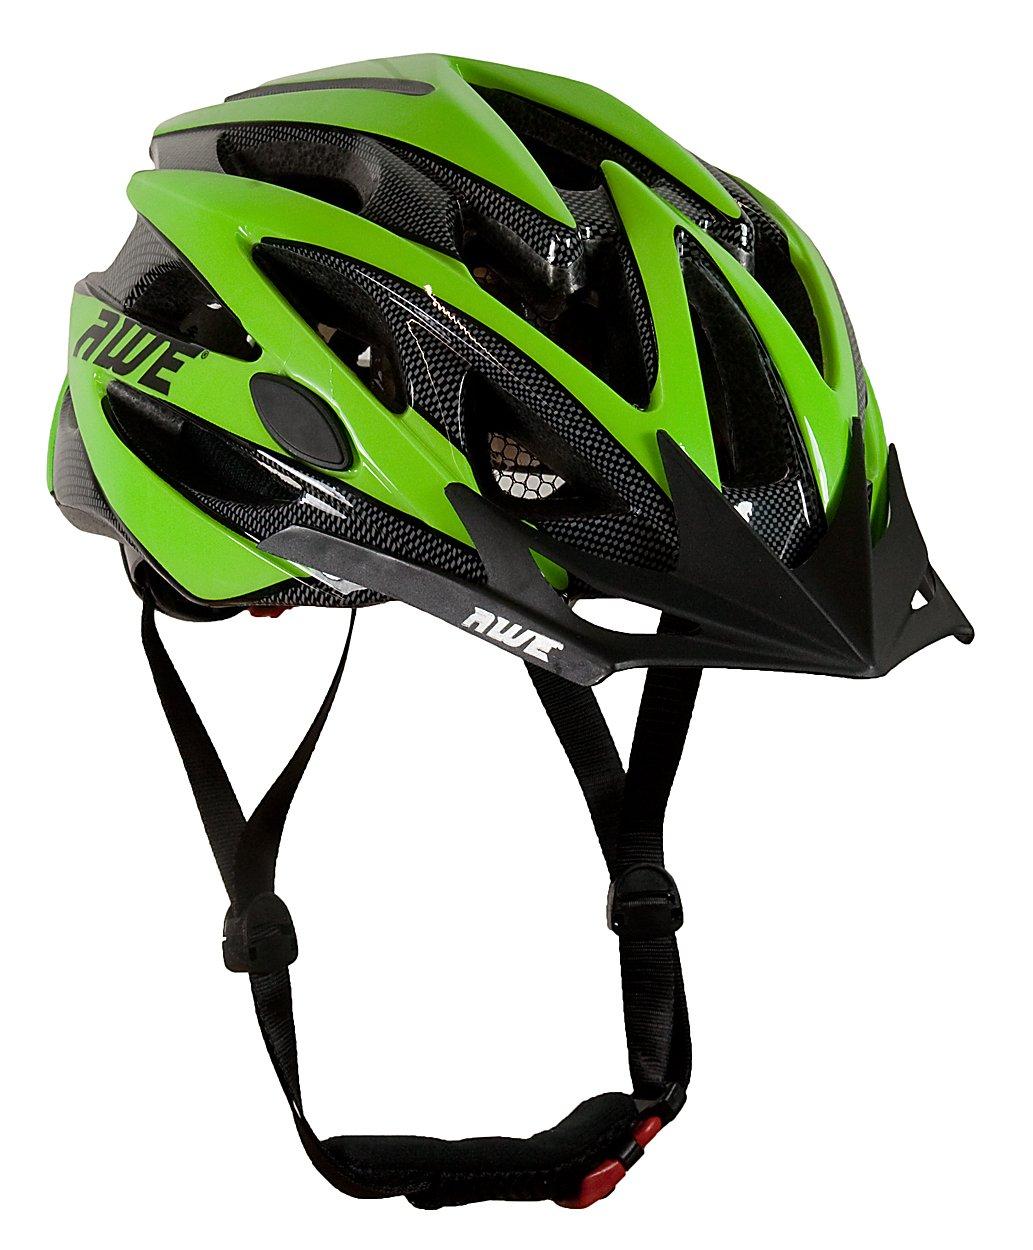 AWE® Wave™ Hombres de bicicleta casco negro verde tamaño cm